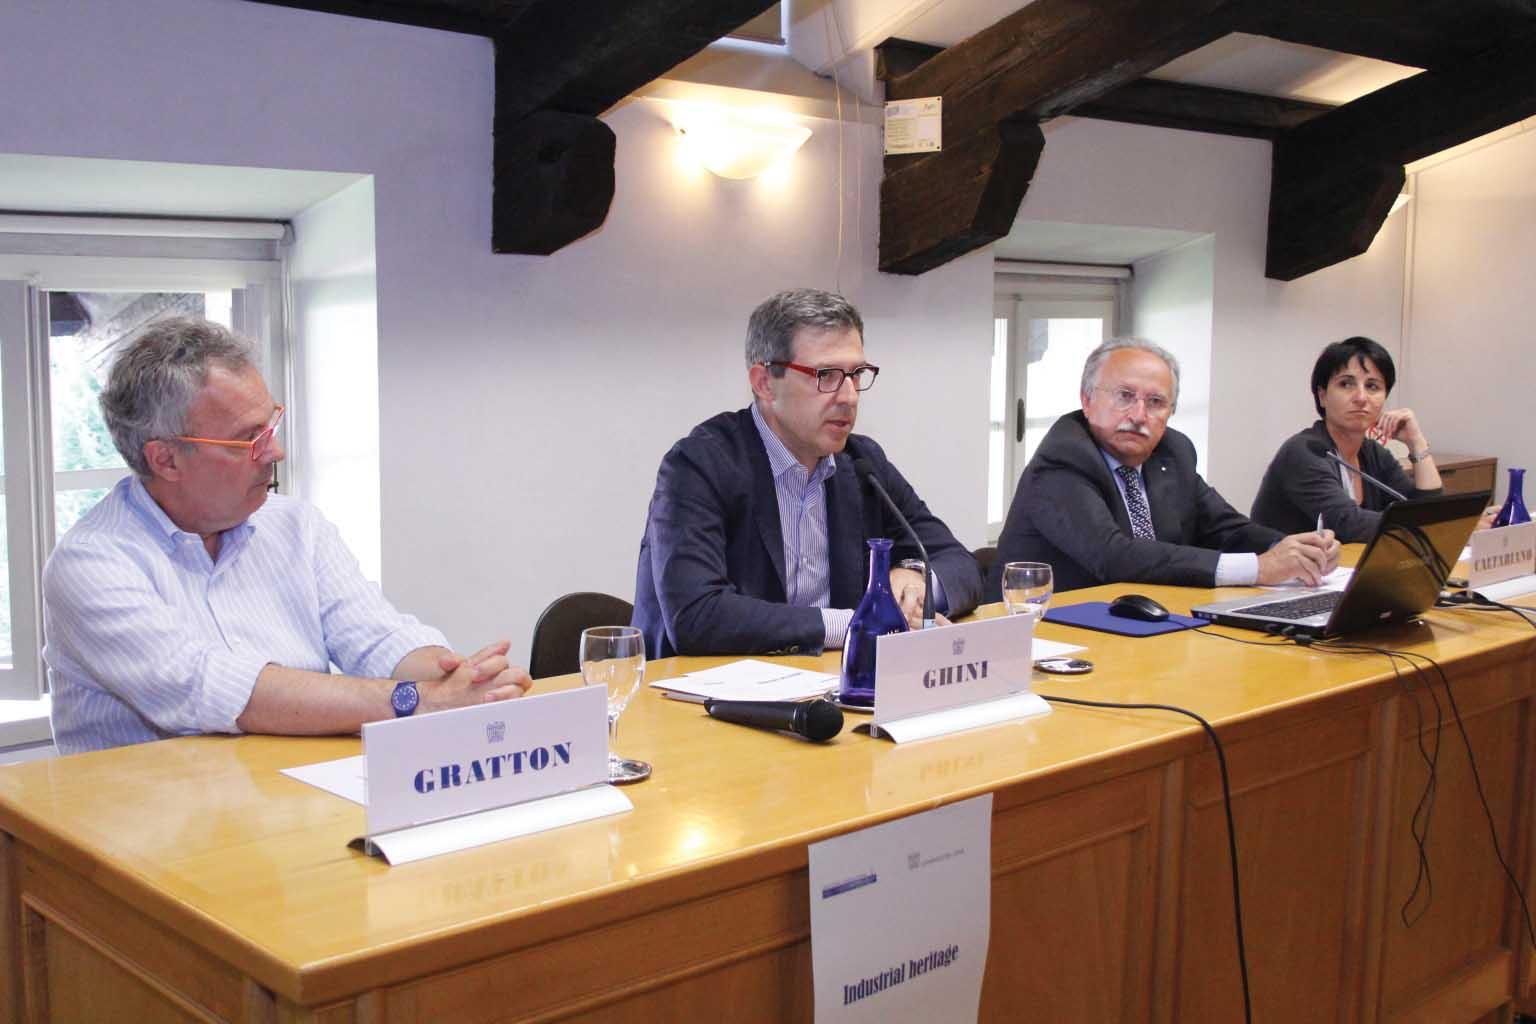 Amideria chiozza associazione da sx Pierpaolo Gratton Damiano Ghini Raffaele Caltabiano e Palmina Mian foto Gasperi 1